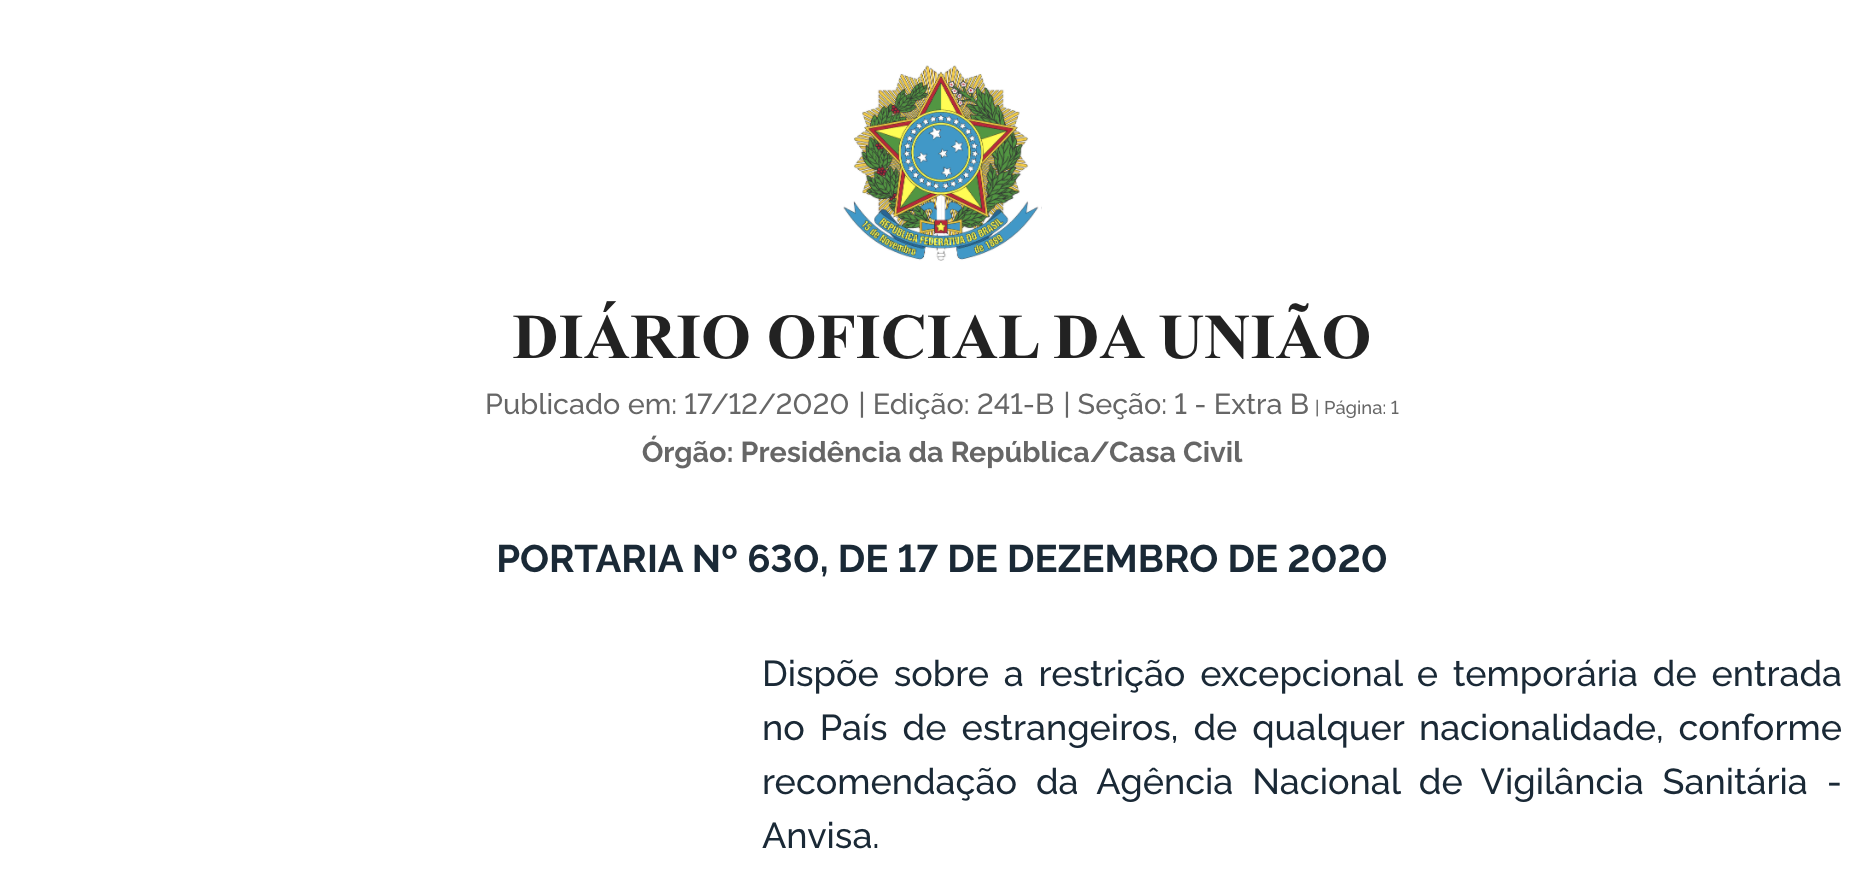 Imagem da portaria publicada no Diário Oficial sobre a obrigatoriedade de teste de covid-19 para embarcar do exterior para o Brasil.